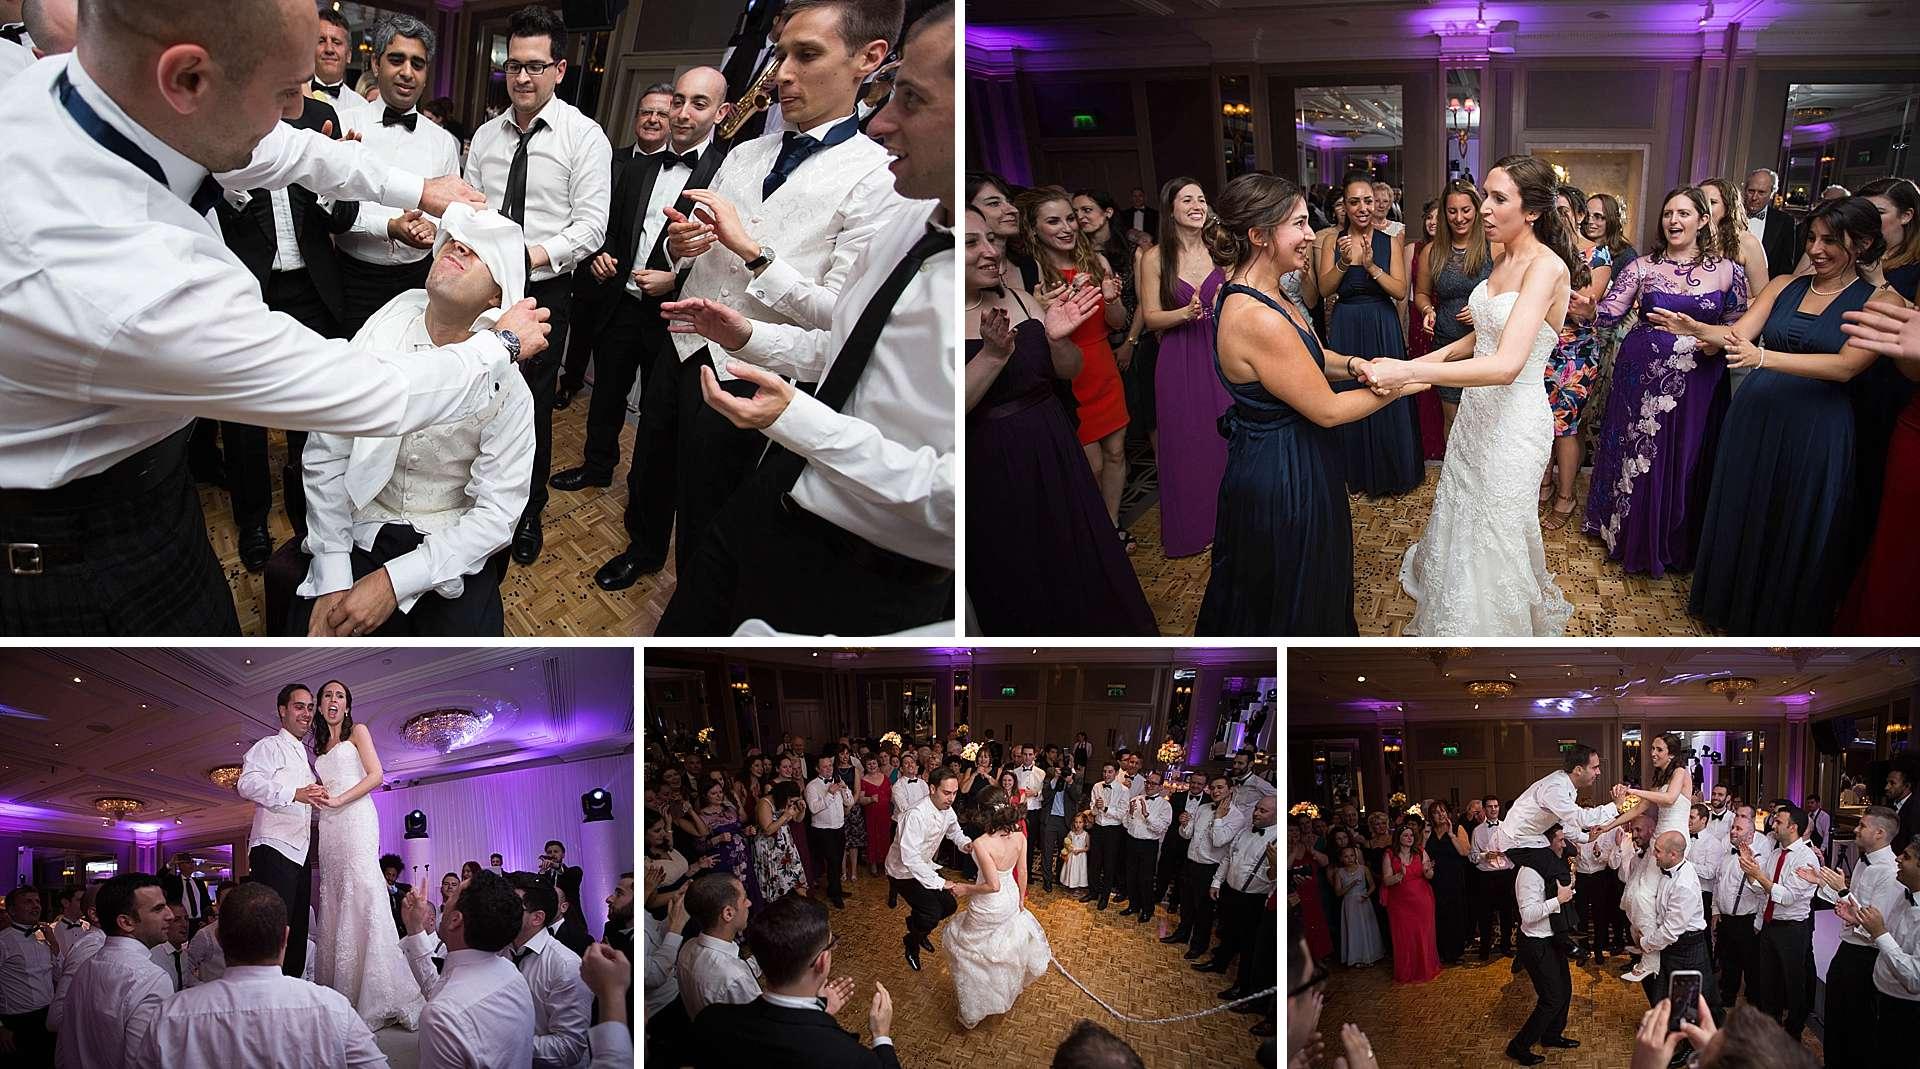 Israeli wedding dancing